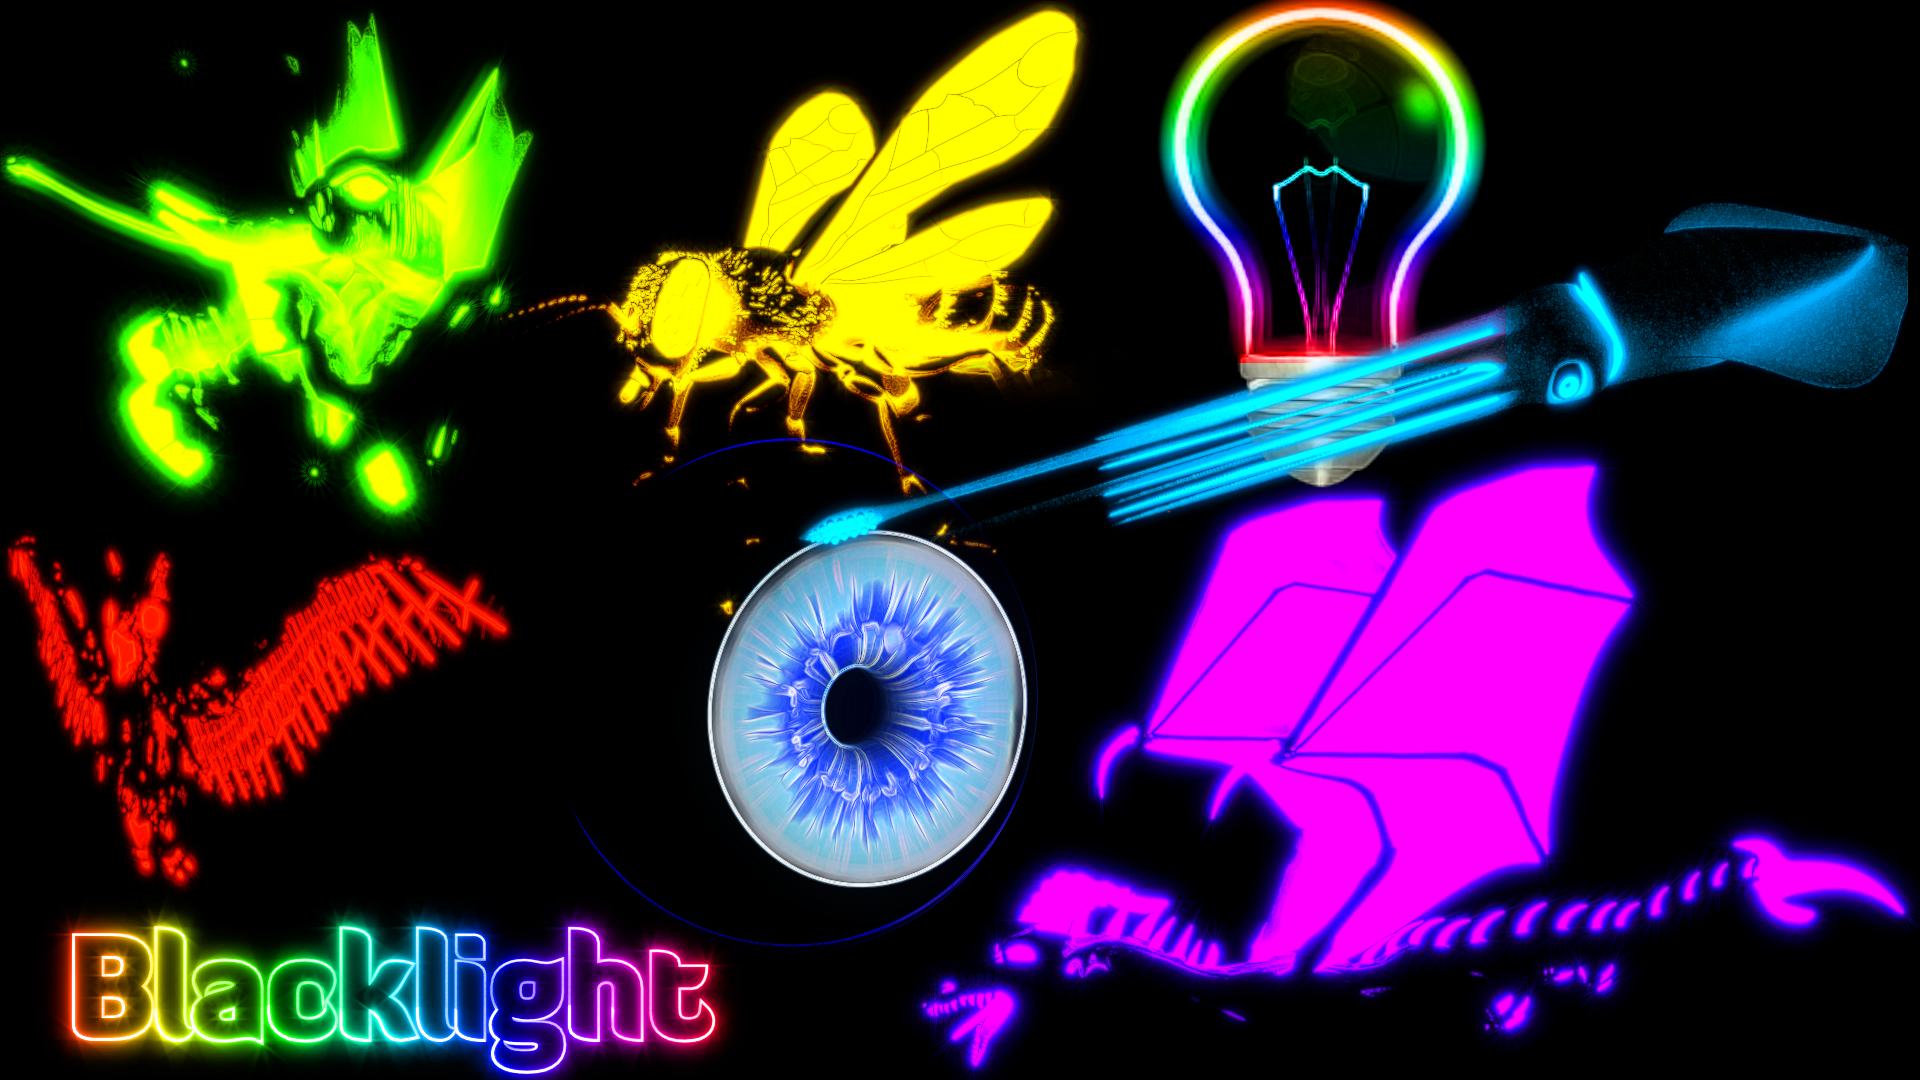 Oc Blacklight